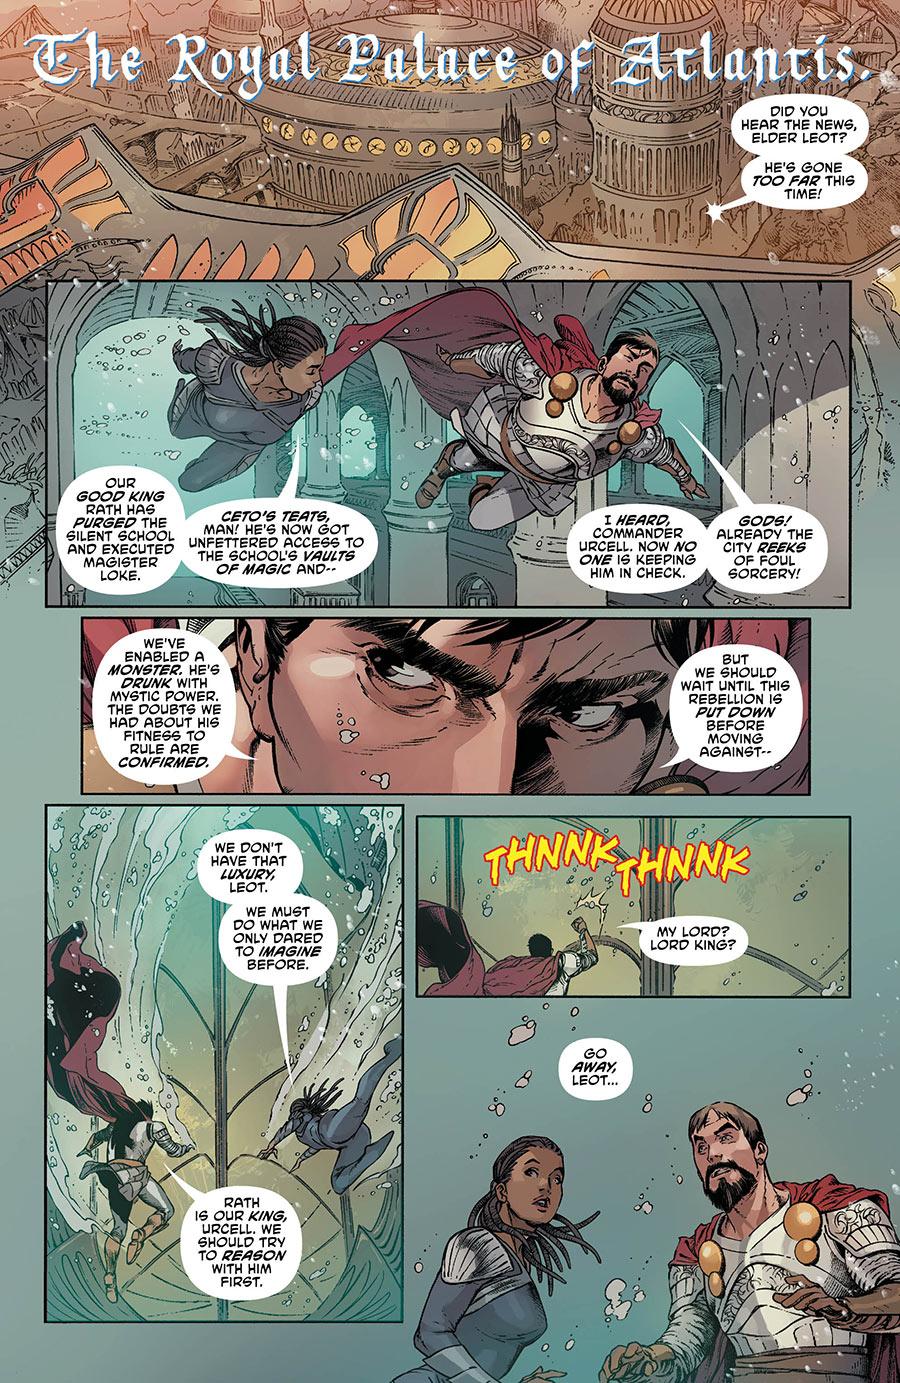 Aquaman 35_1 - DC Comics News